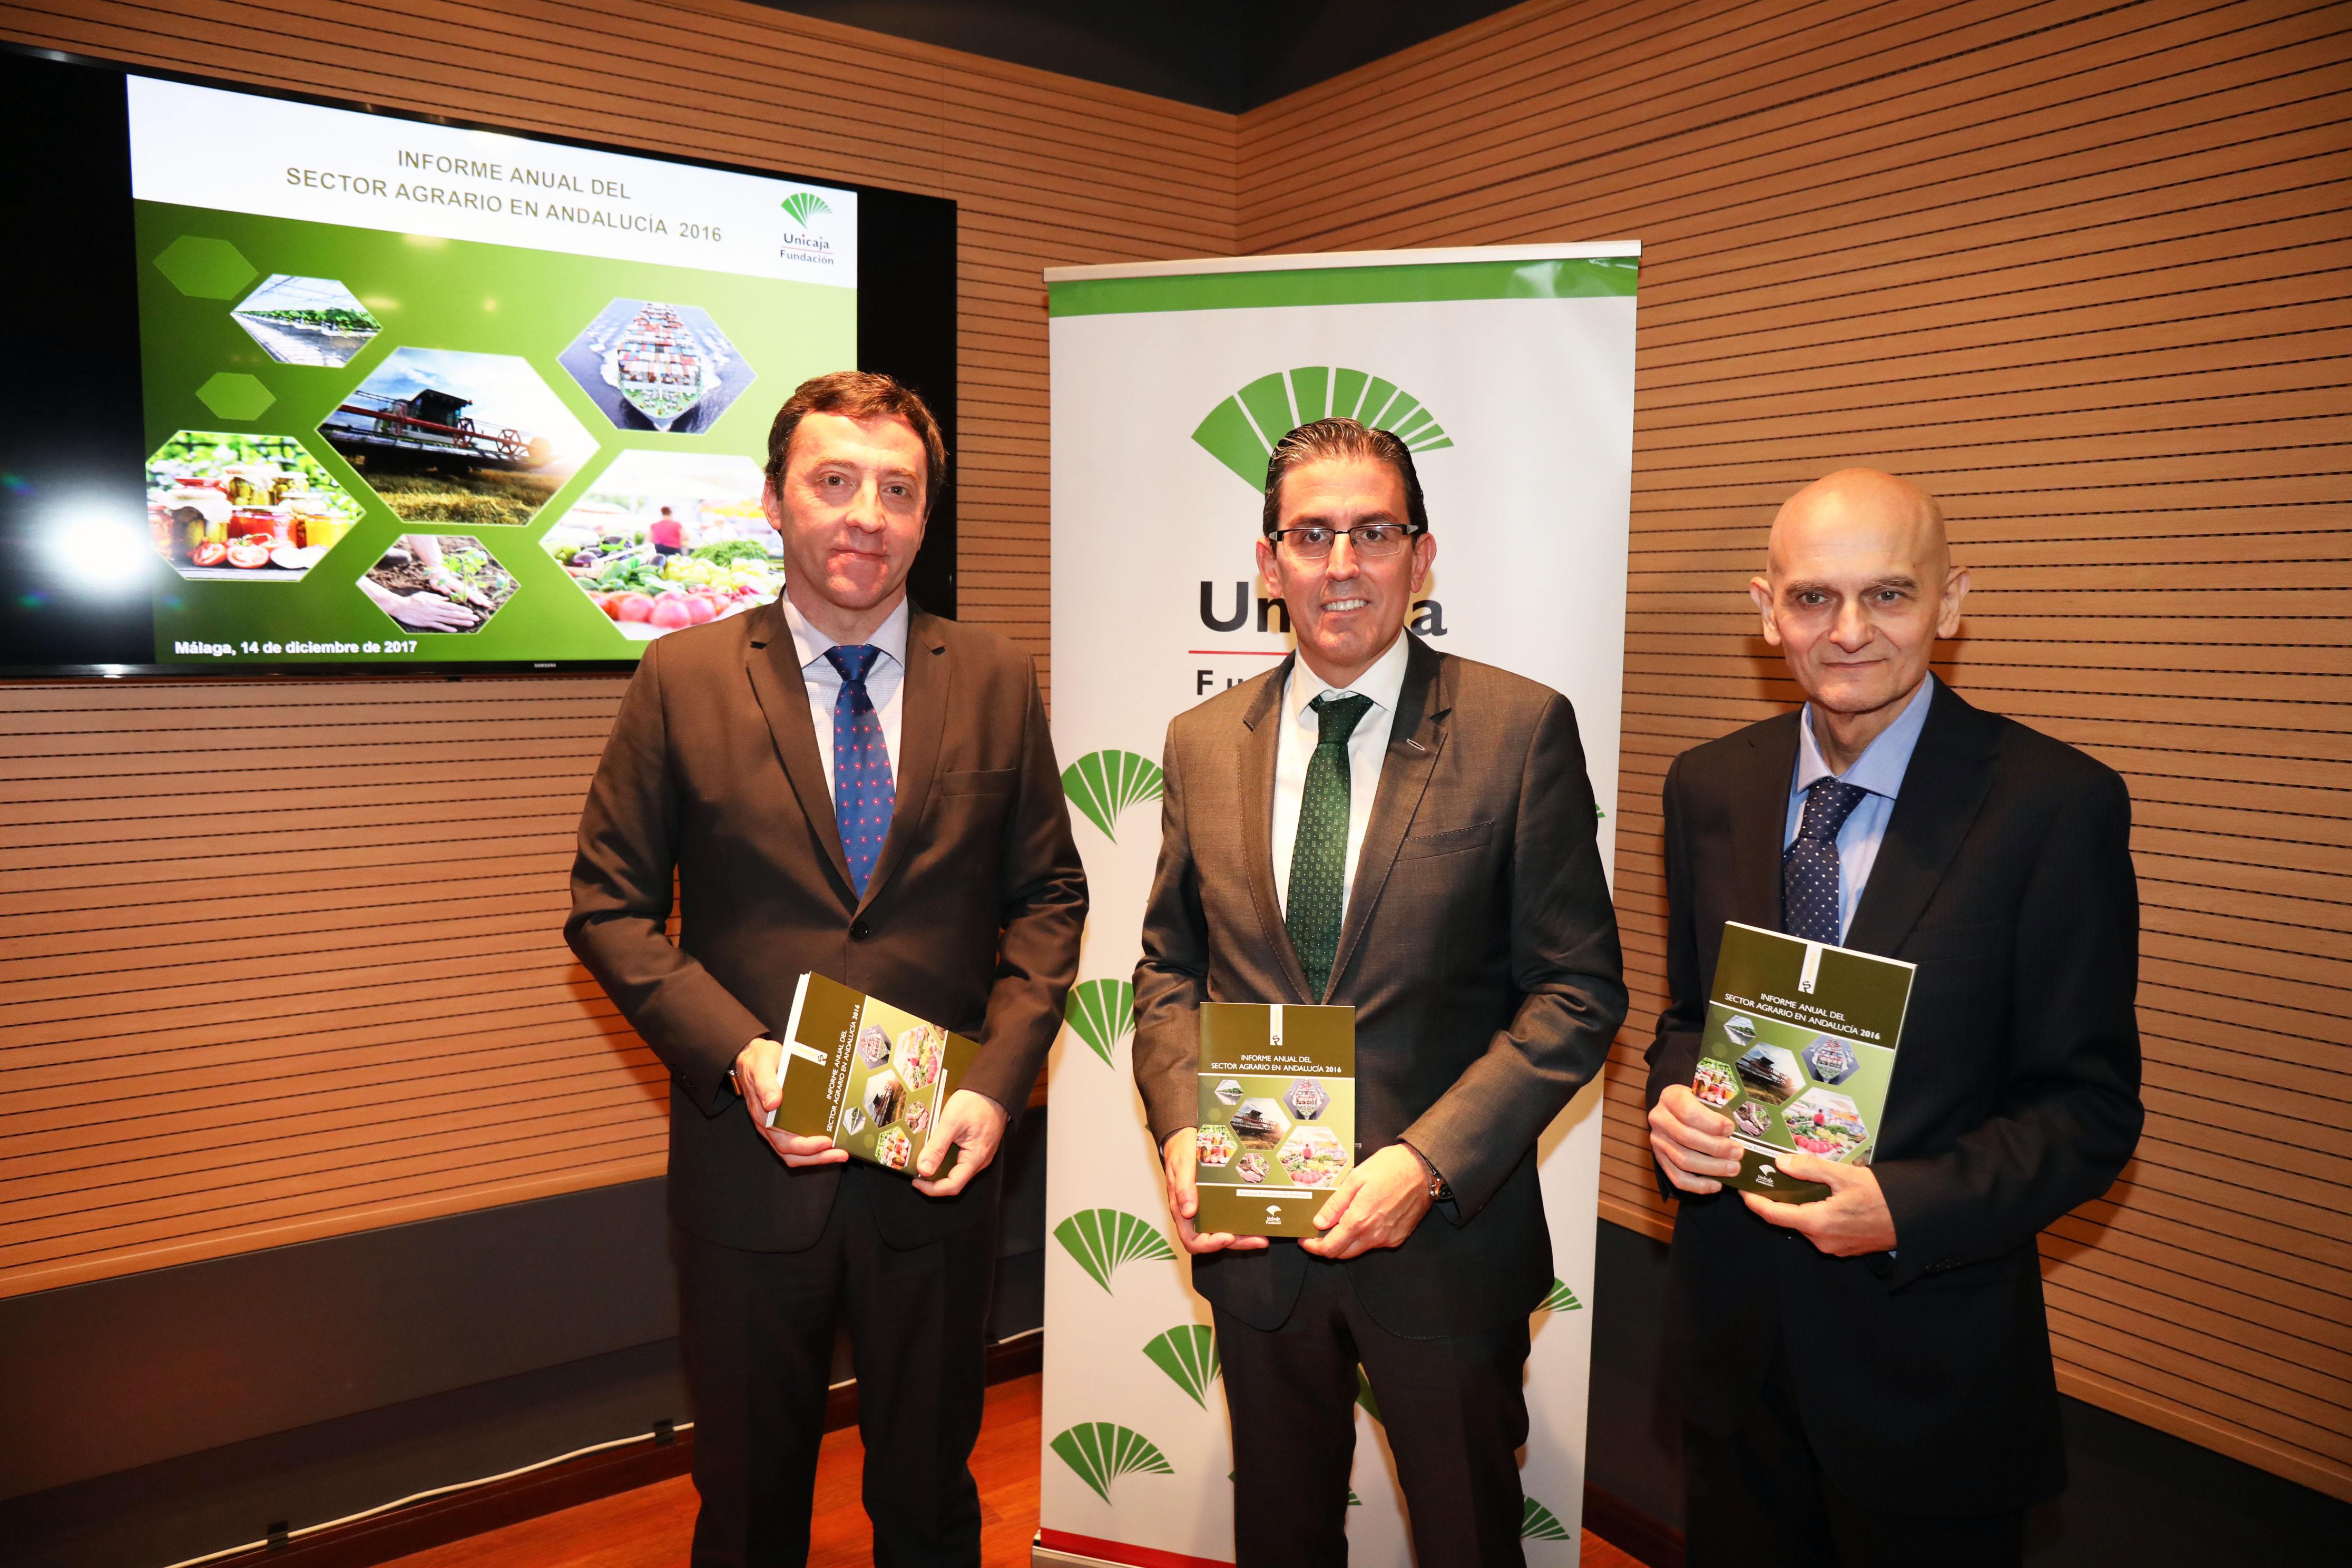 Fundación Unicaja publica el 'Informe Anual del Sector Agrario en Andalucía 2016', que alcanza su vigésima séptima edición